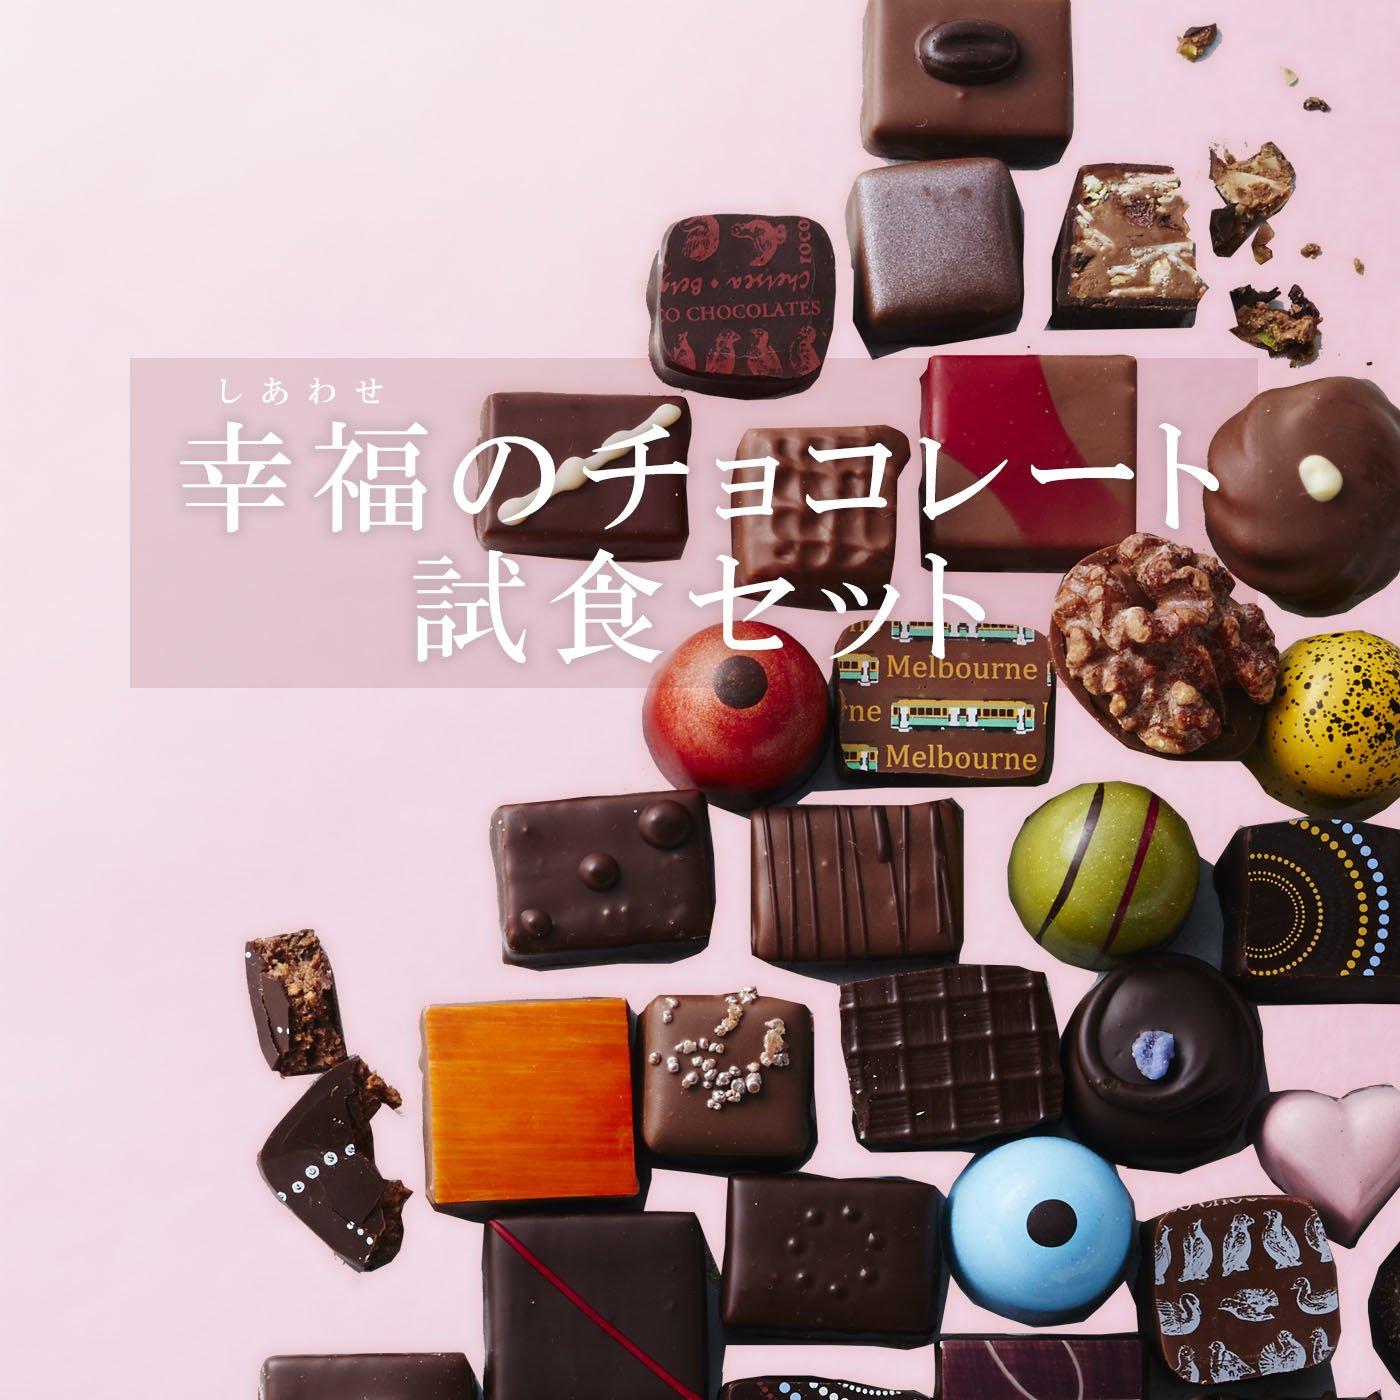 幸福のチョコレート講座・試食チョコセット(9粒入り) 【お届け時期:2019年11月中旬~下旬】